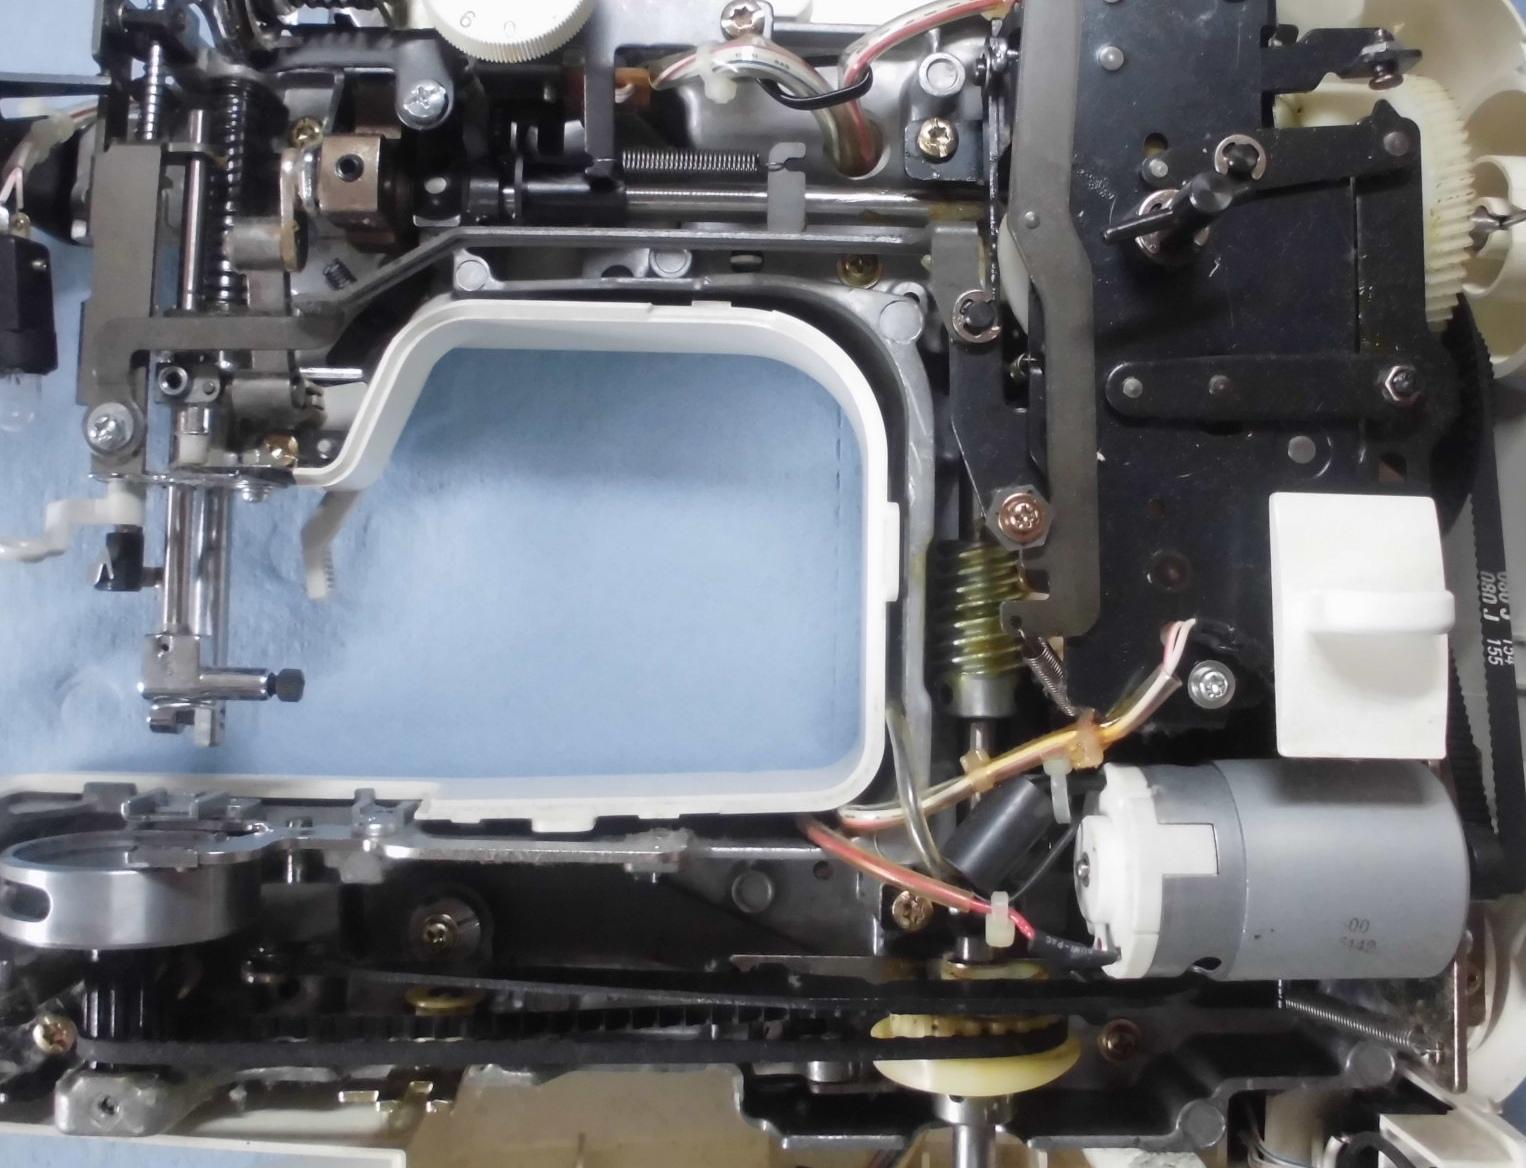 パッチワークミニ EL135の分解オーバーホールメンテナンス修理|ブラザーミシン